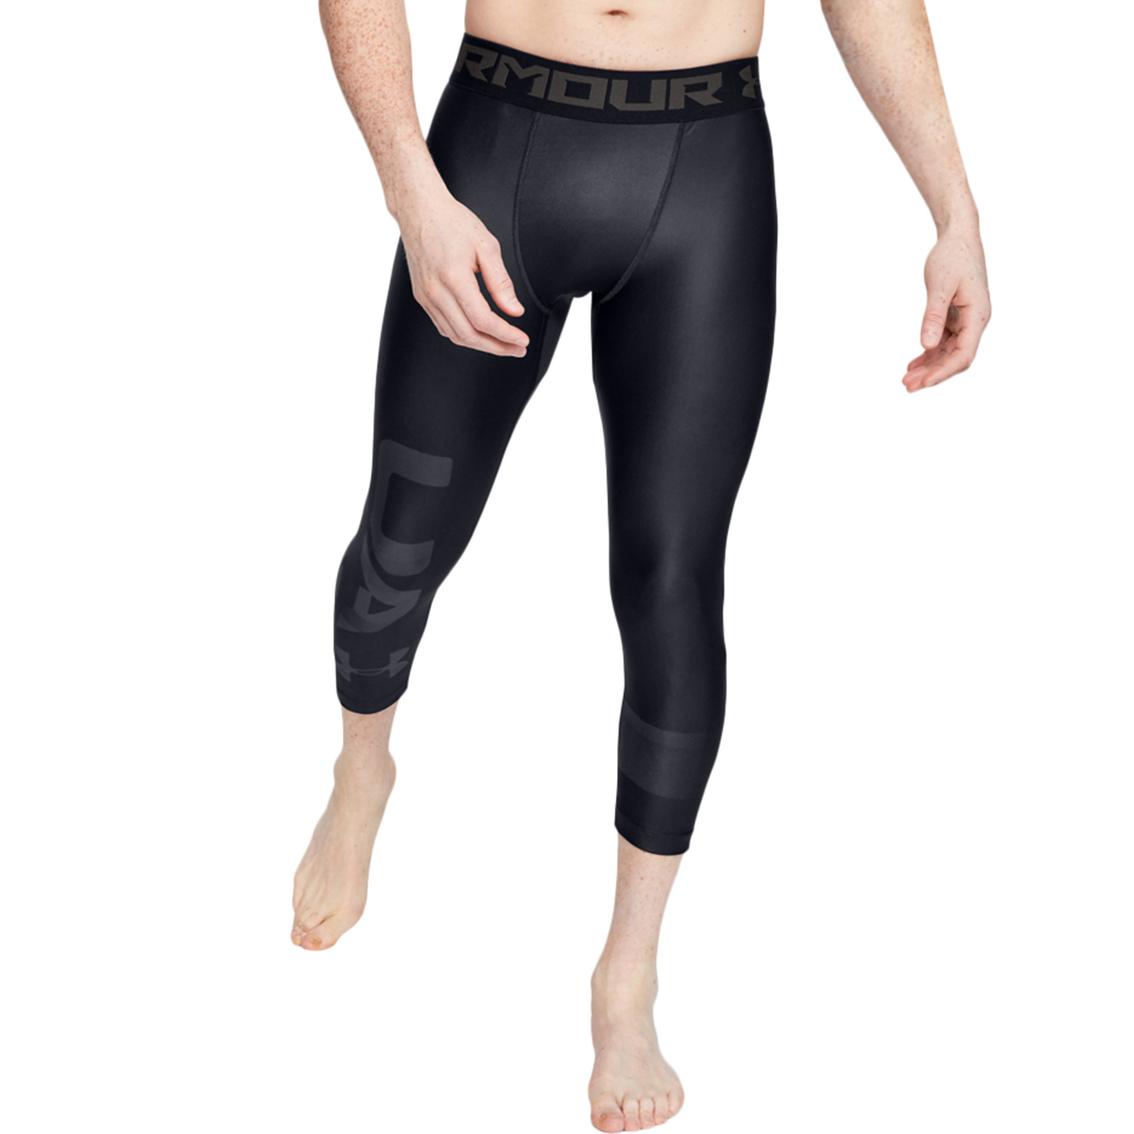 Derivación Debilidad abortar  Under Armour Men's Heatgear Armour 2.0 Graphic 3/4 Leggings | Pants |  Clothing & Accessories | Shop The Exchange